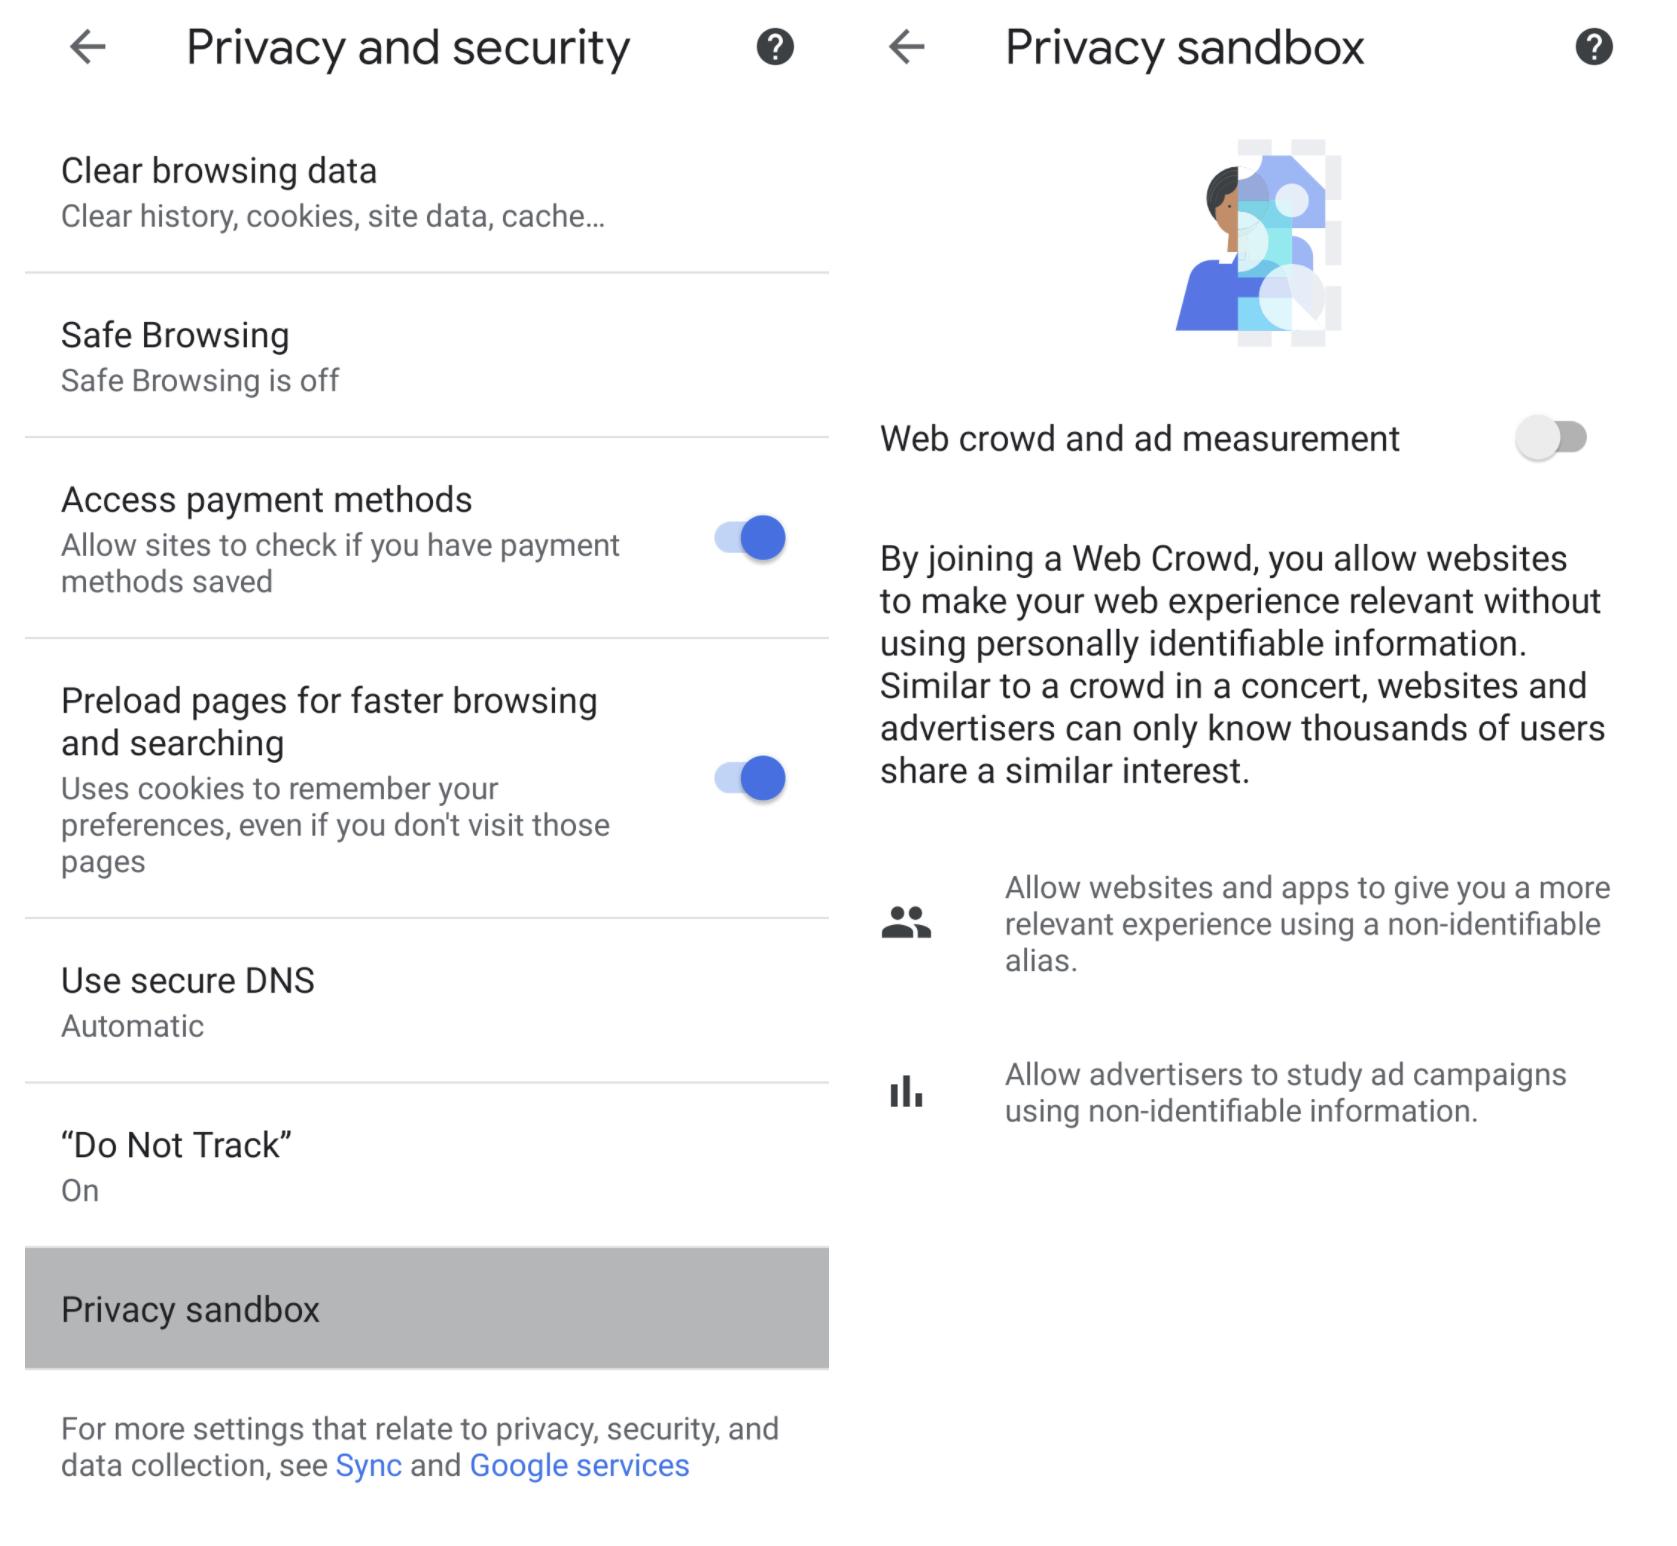 Paramètres du bac à sable de confidentialité dans Chrome 89